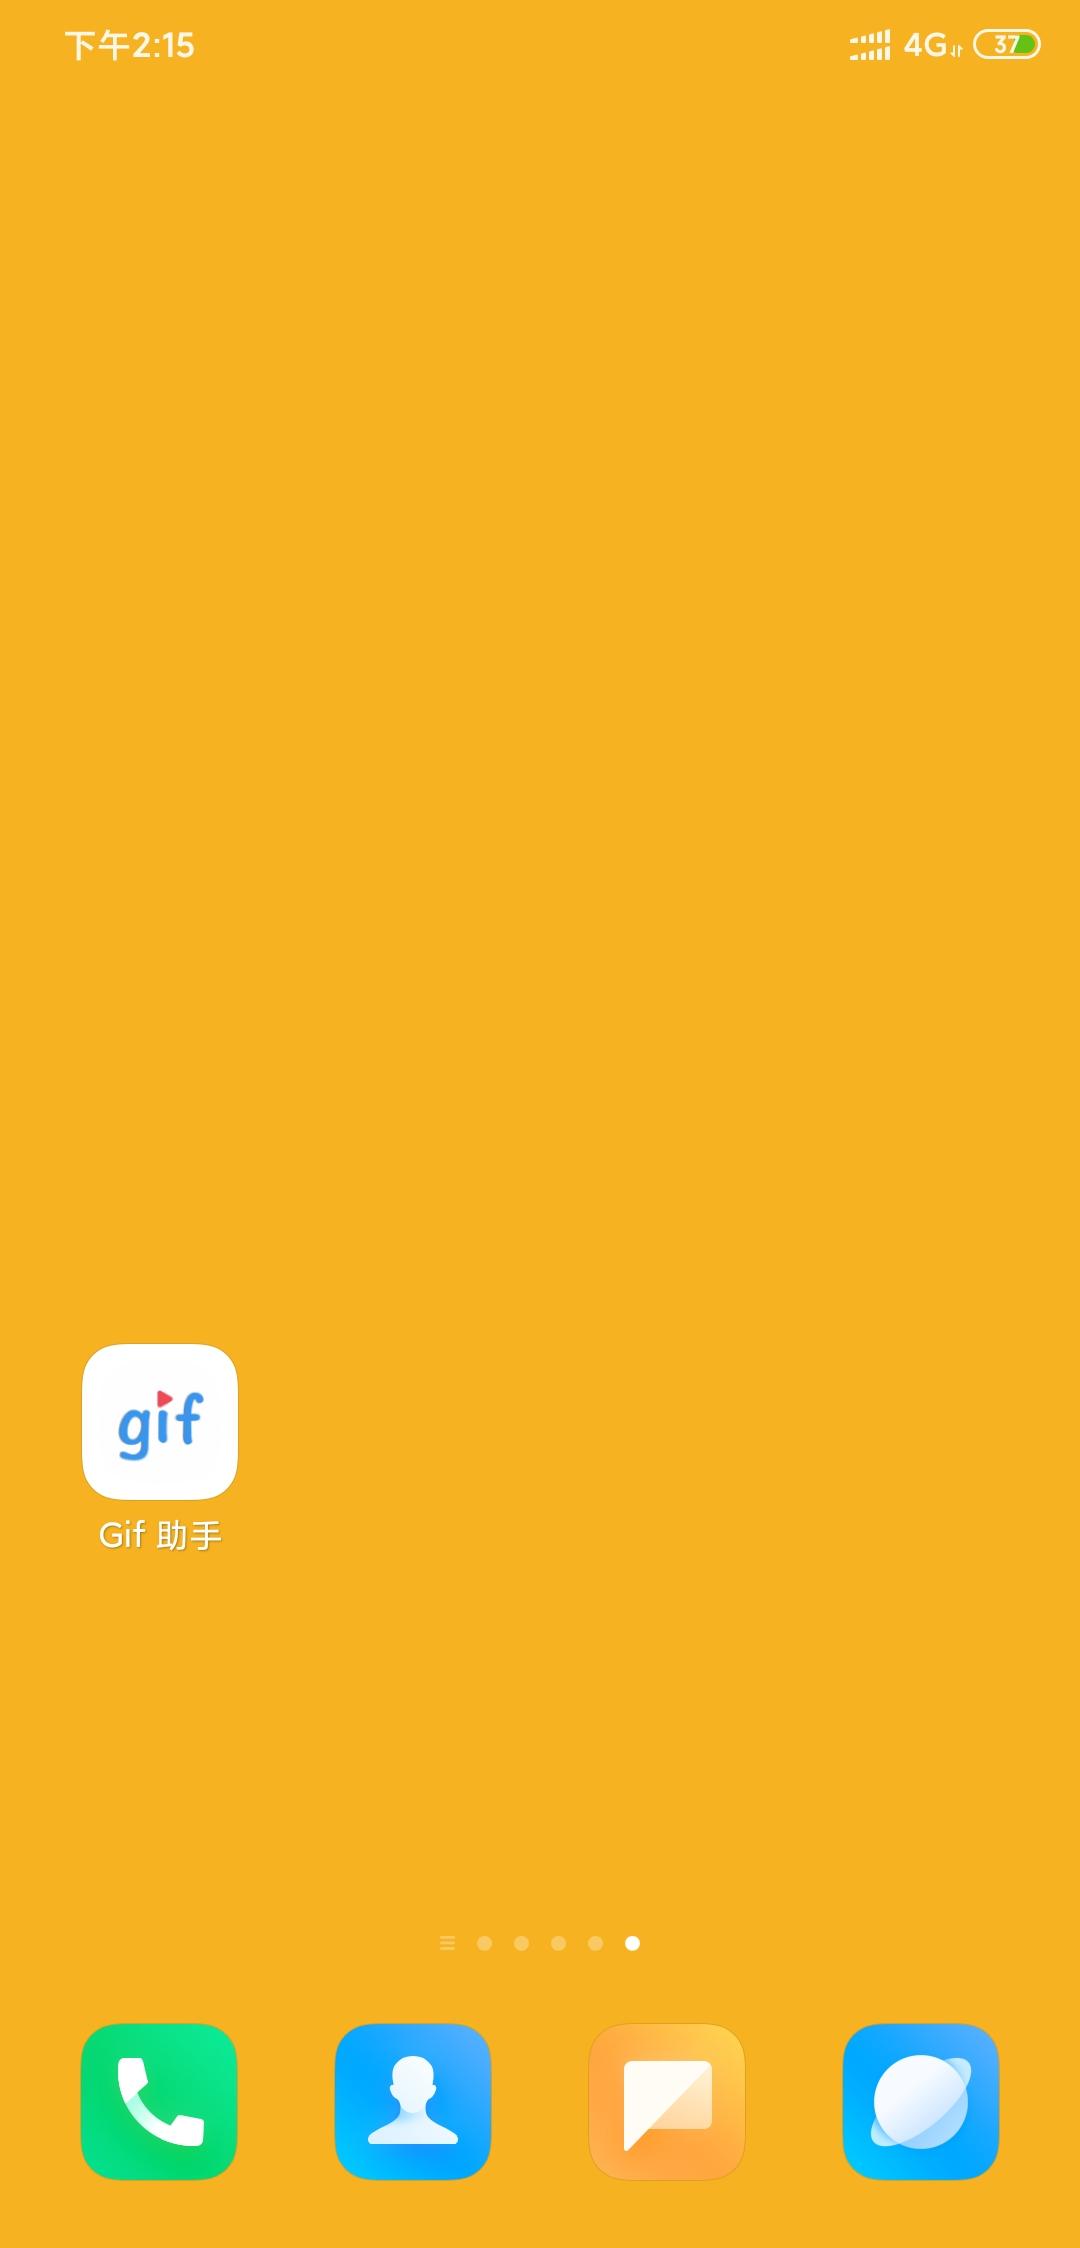 【GIF助手】考核*